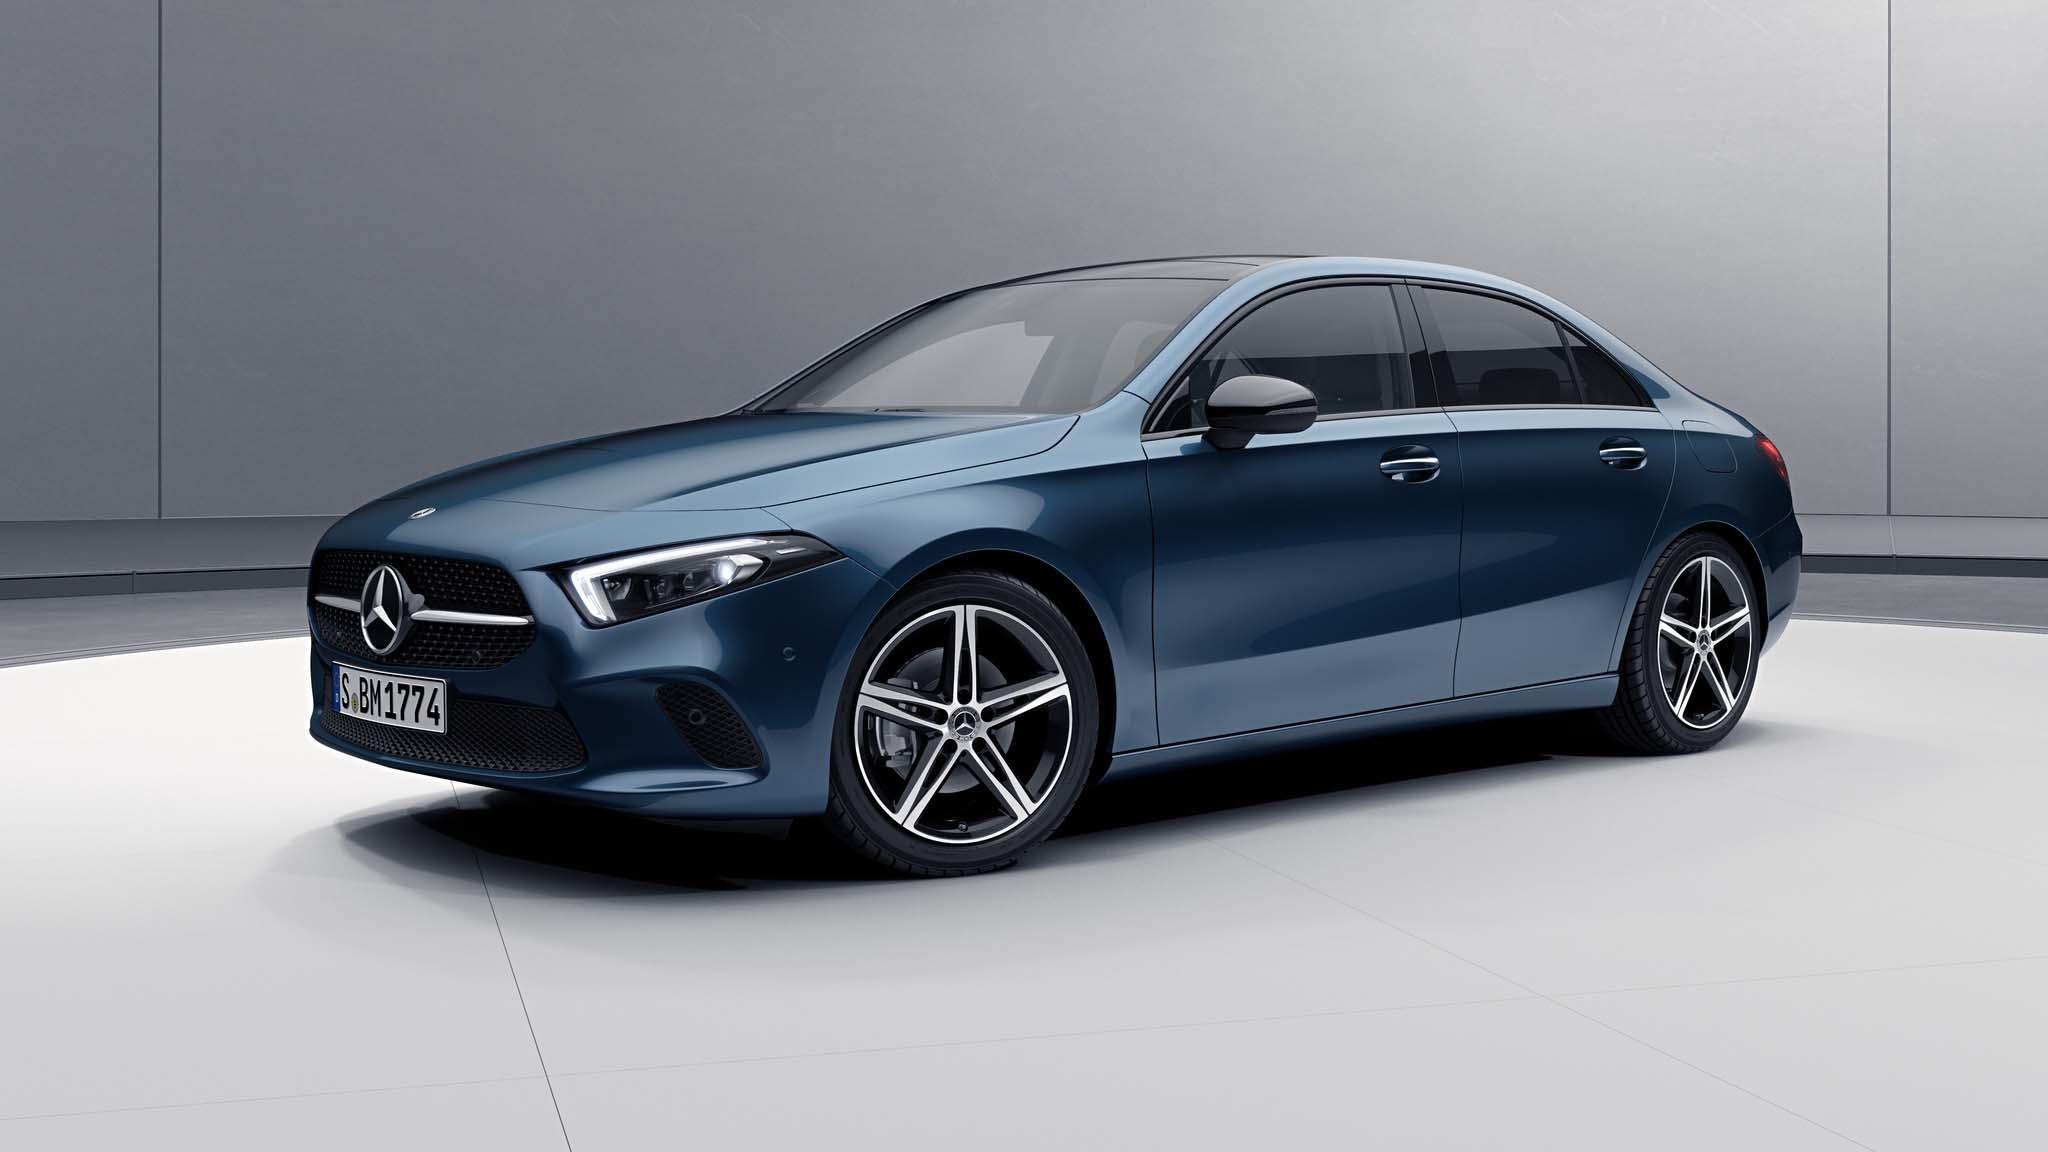 Vue de trois quarts de profil de la Mercedes Classe A Berline avec la peinture Métallisé - Blue Denim